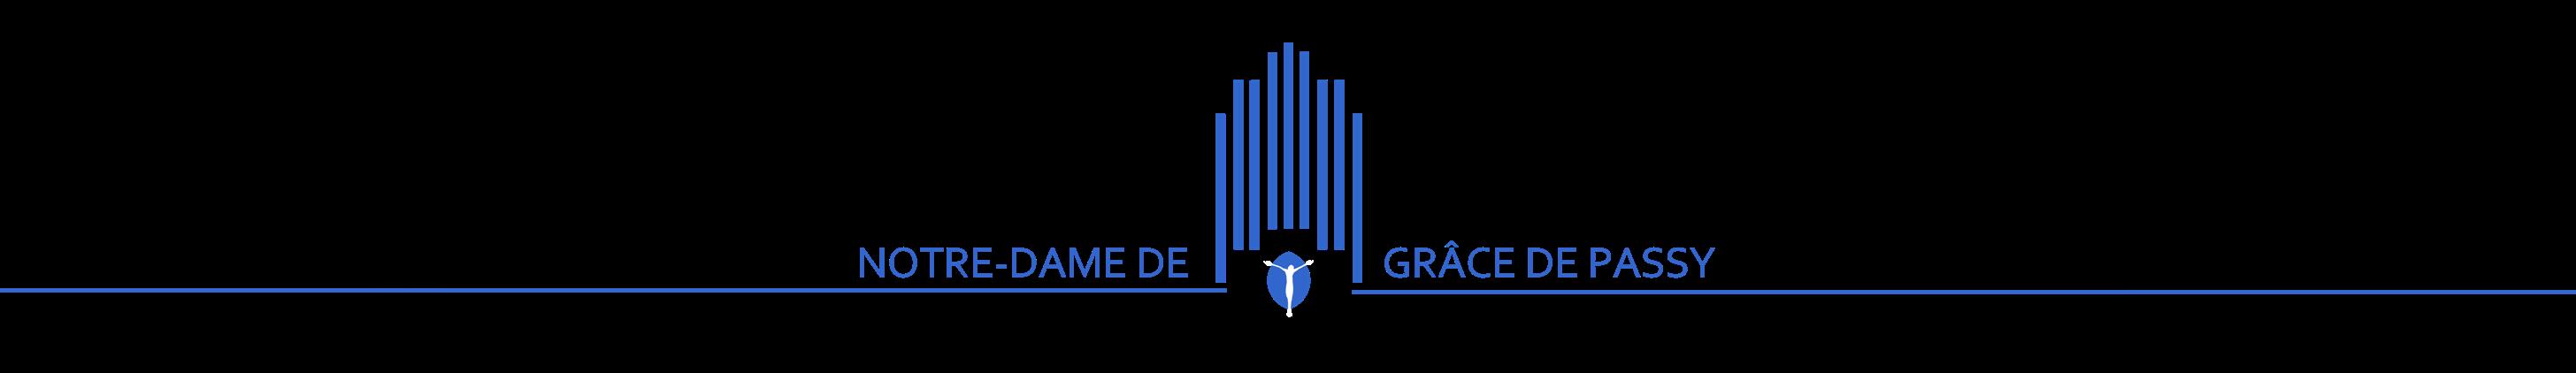 Paroisse Notre-Dame de Grâce de Passy Logo